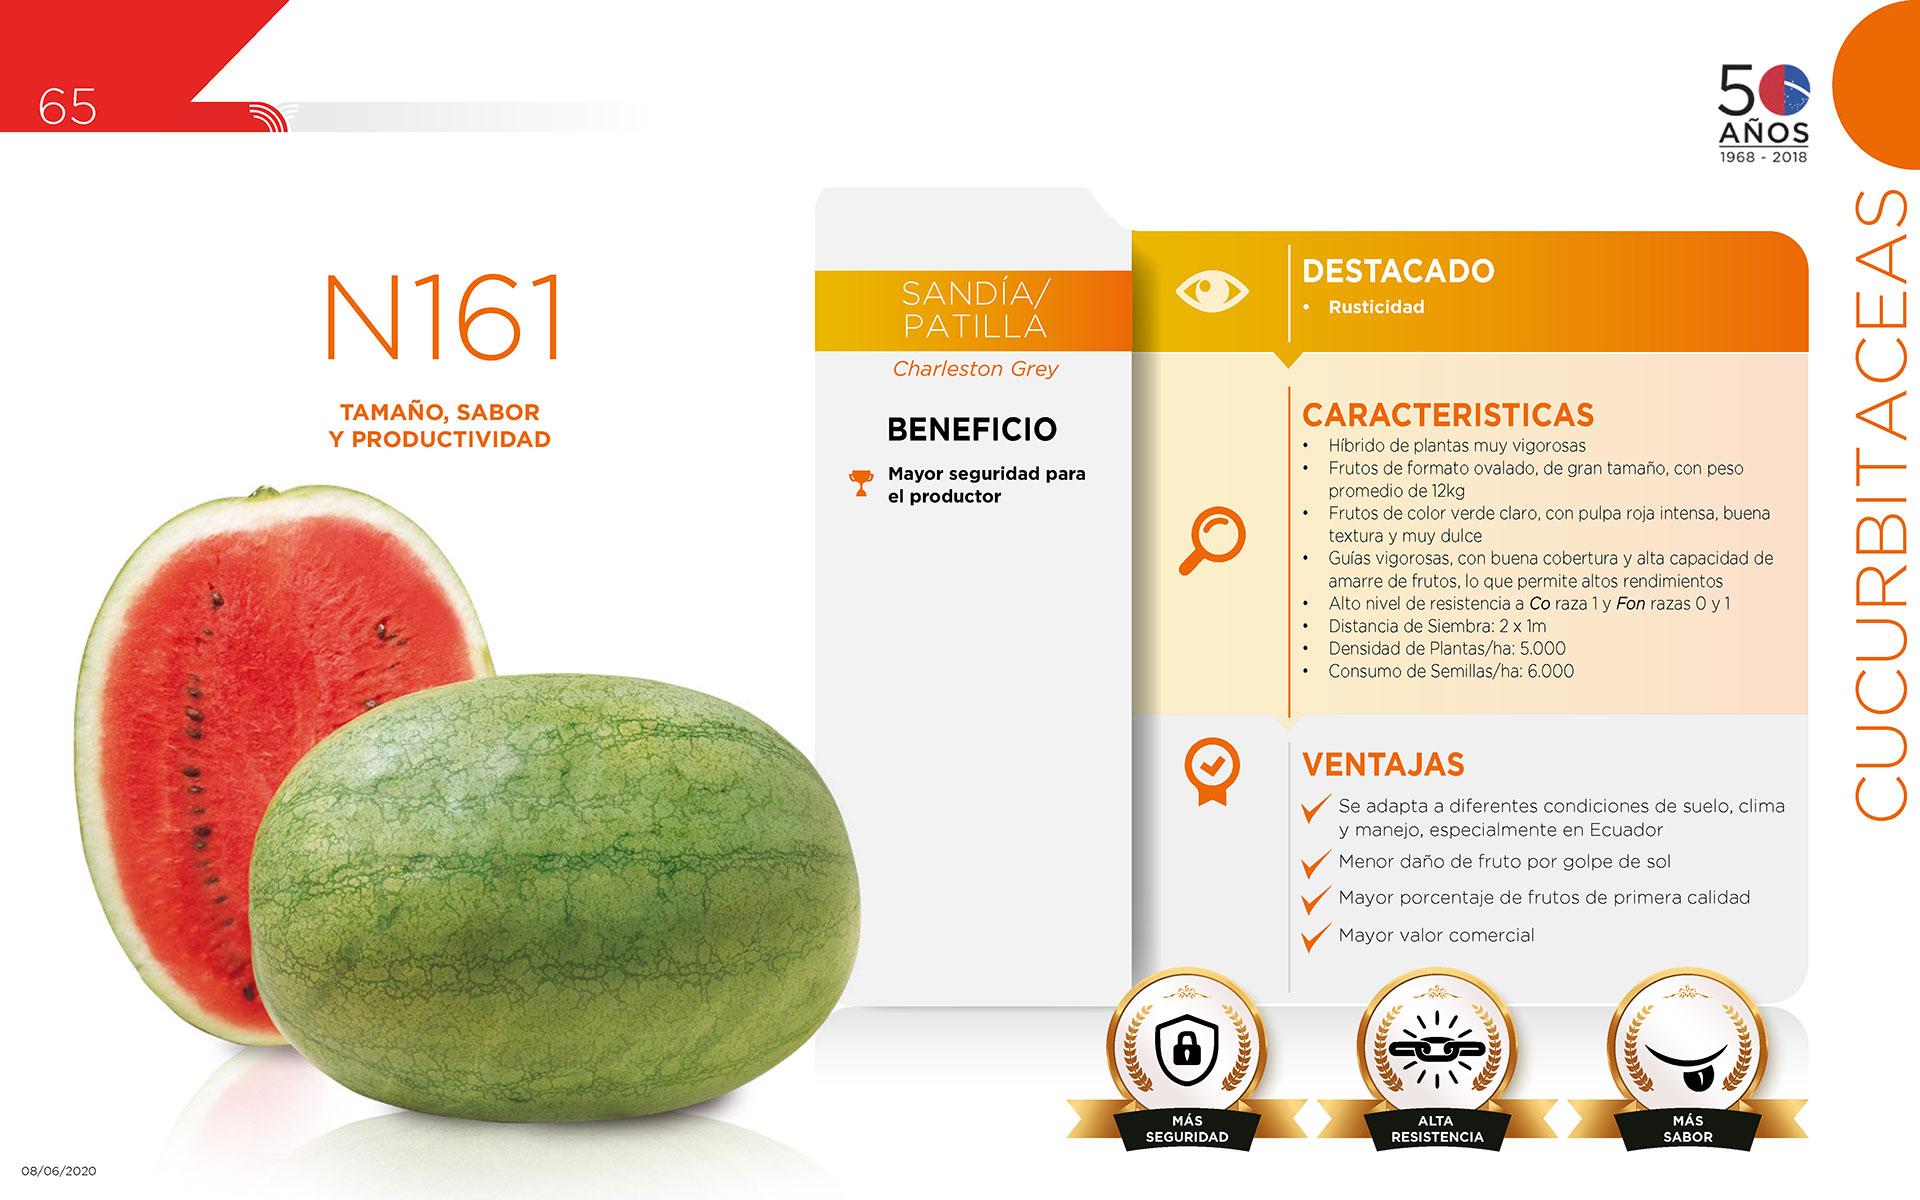 N161 - Cucurbitaceas